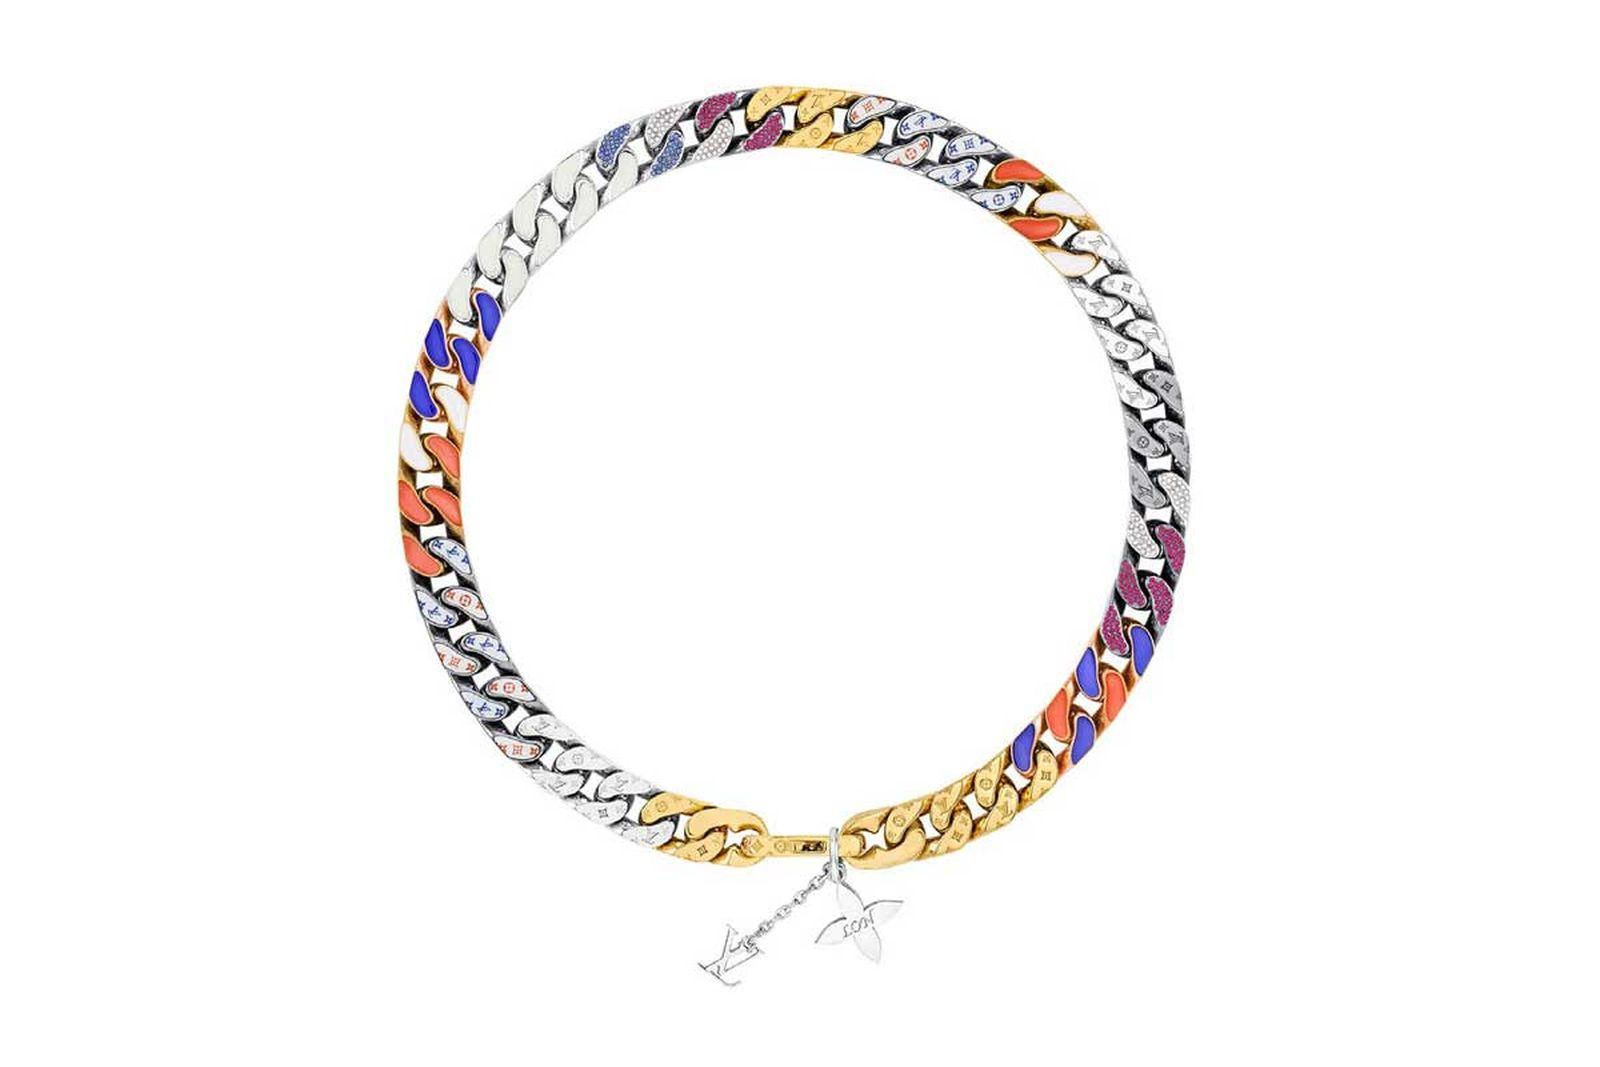 louis vuitton lv chain link neckalces (3)